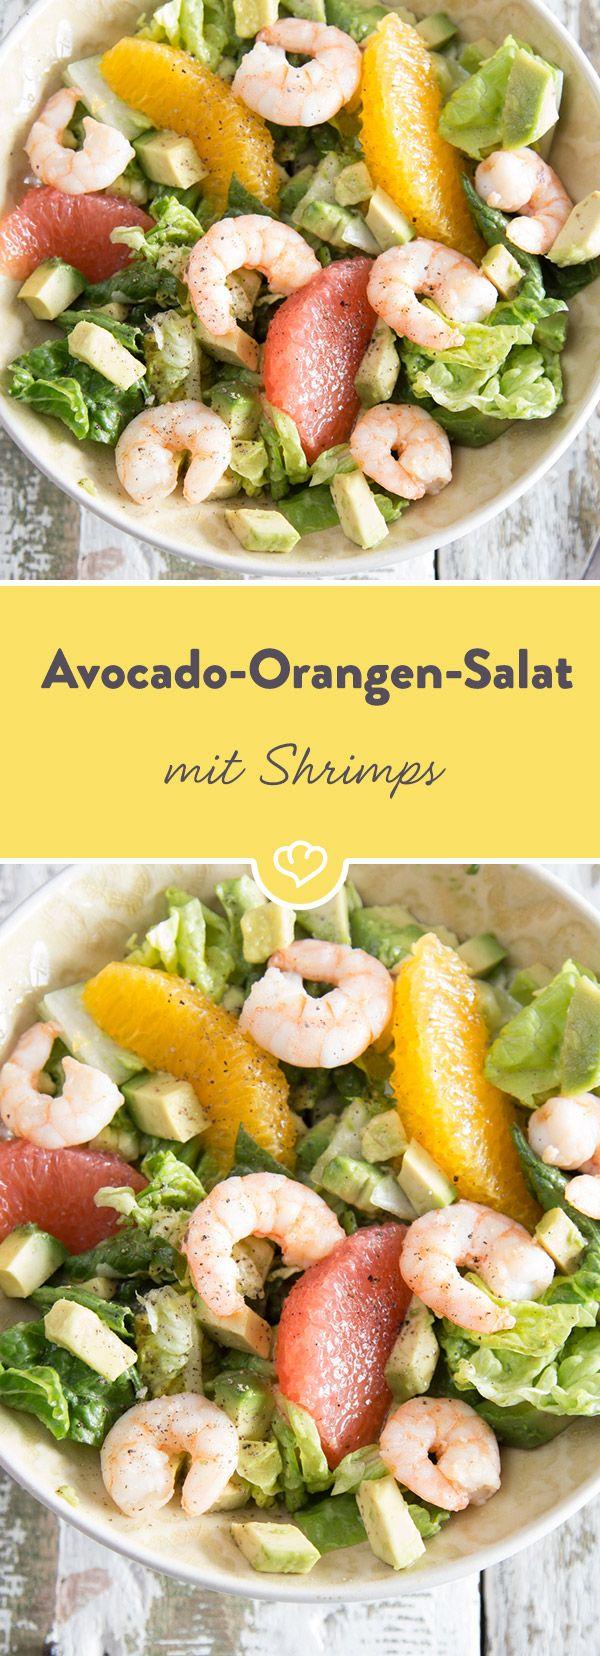 Würzige Shrimps und cremige Avocado werden gemeinsam mit knackigen Salatherzen, herben Grapefruits und fruchtigen Orangen, zu einem spritzigen Salat. #shrimpscampi